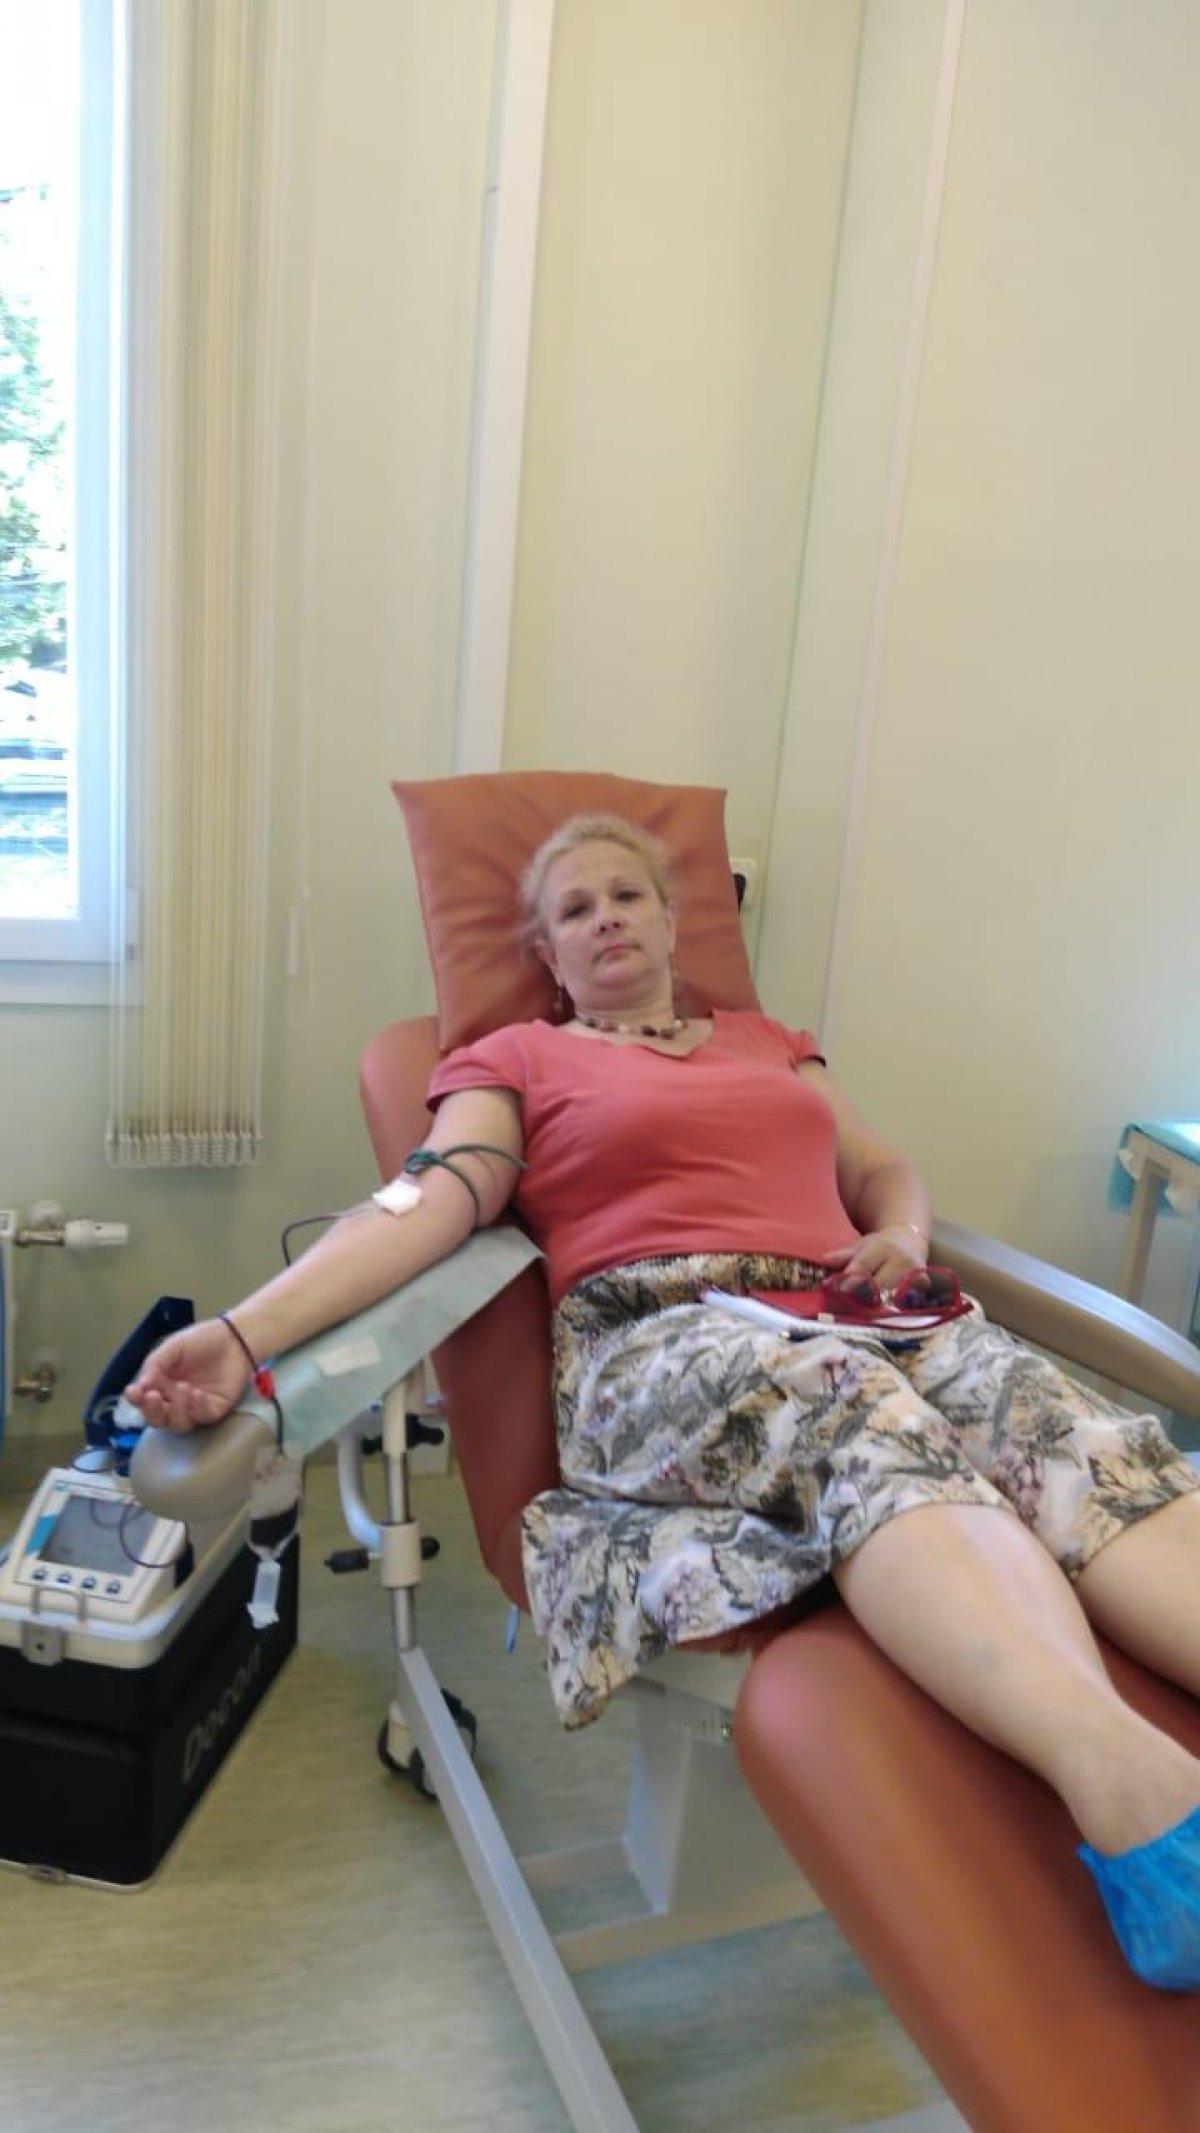 14 июня во Всемирный день донора 9 студентов и сотрудников Сочинского государственного университета сдали кровь для нужд Городской детской больницы г.Сочи в рамках краевой акции «Добровольцы детям»